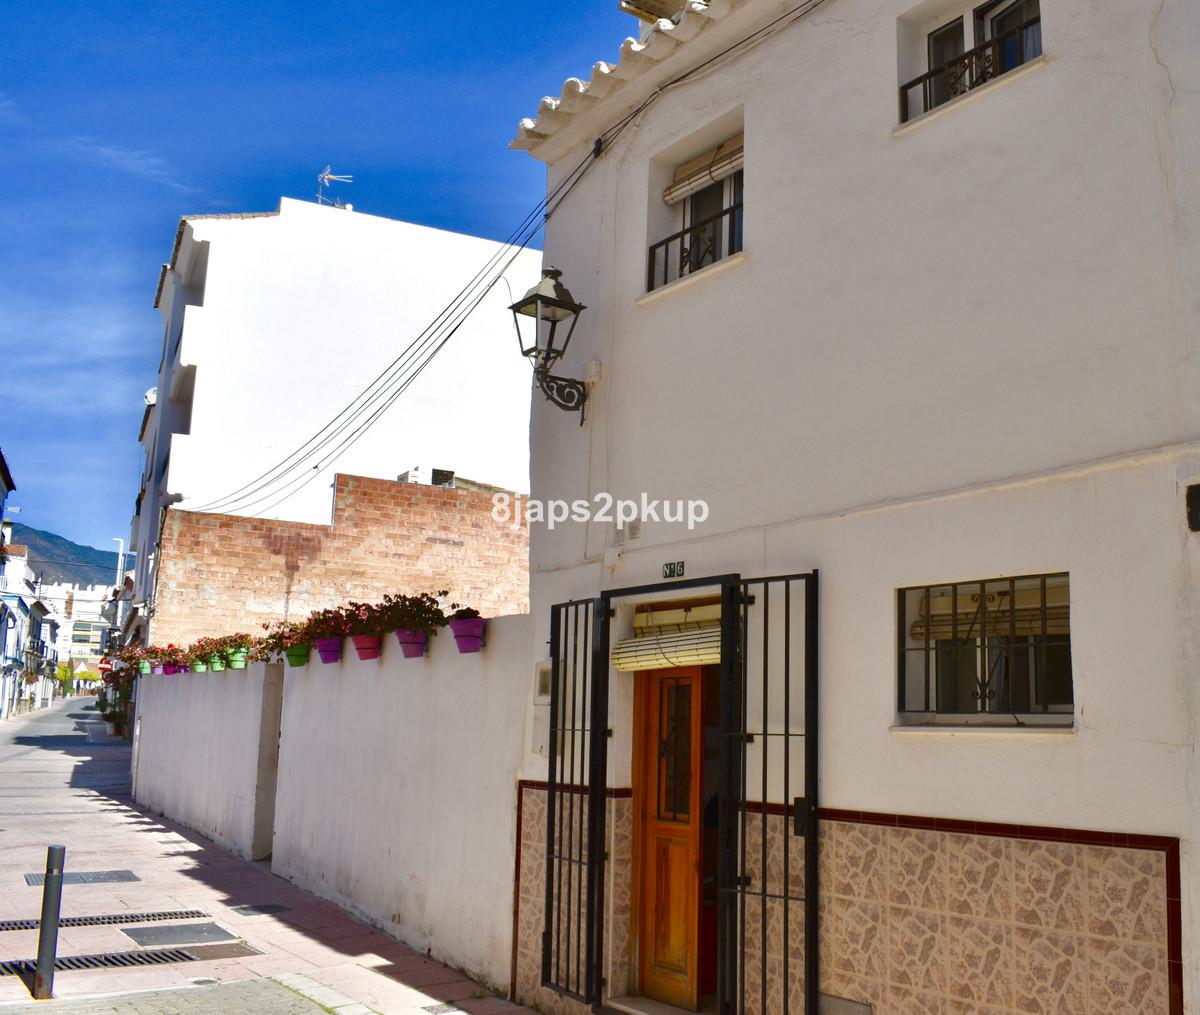 Дом - Estepona - R3626402 - mibgroup.es